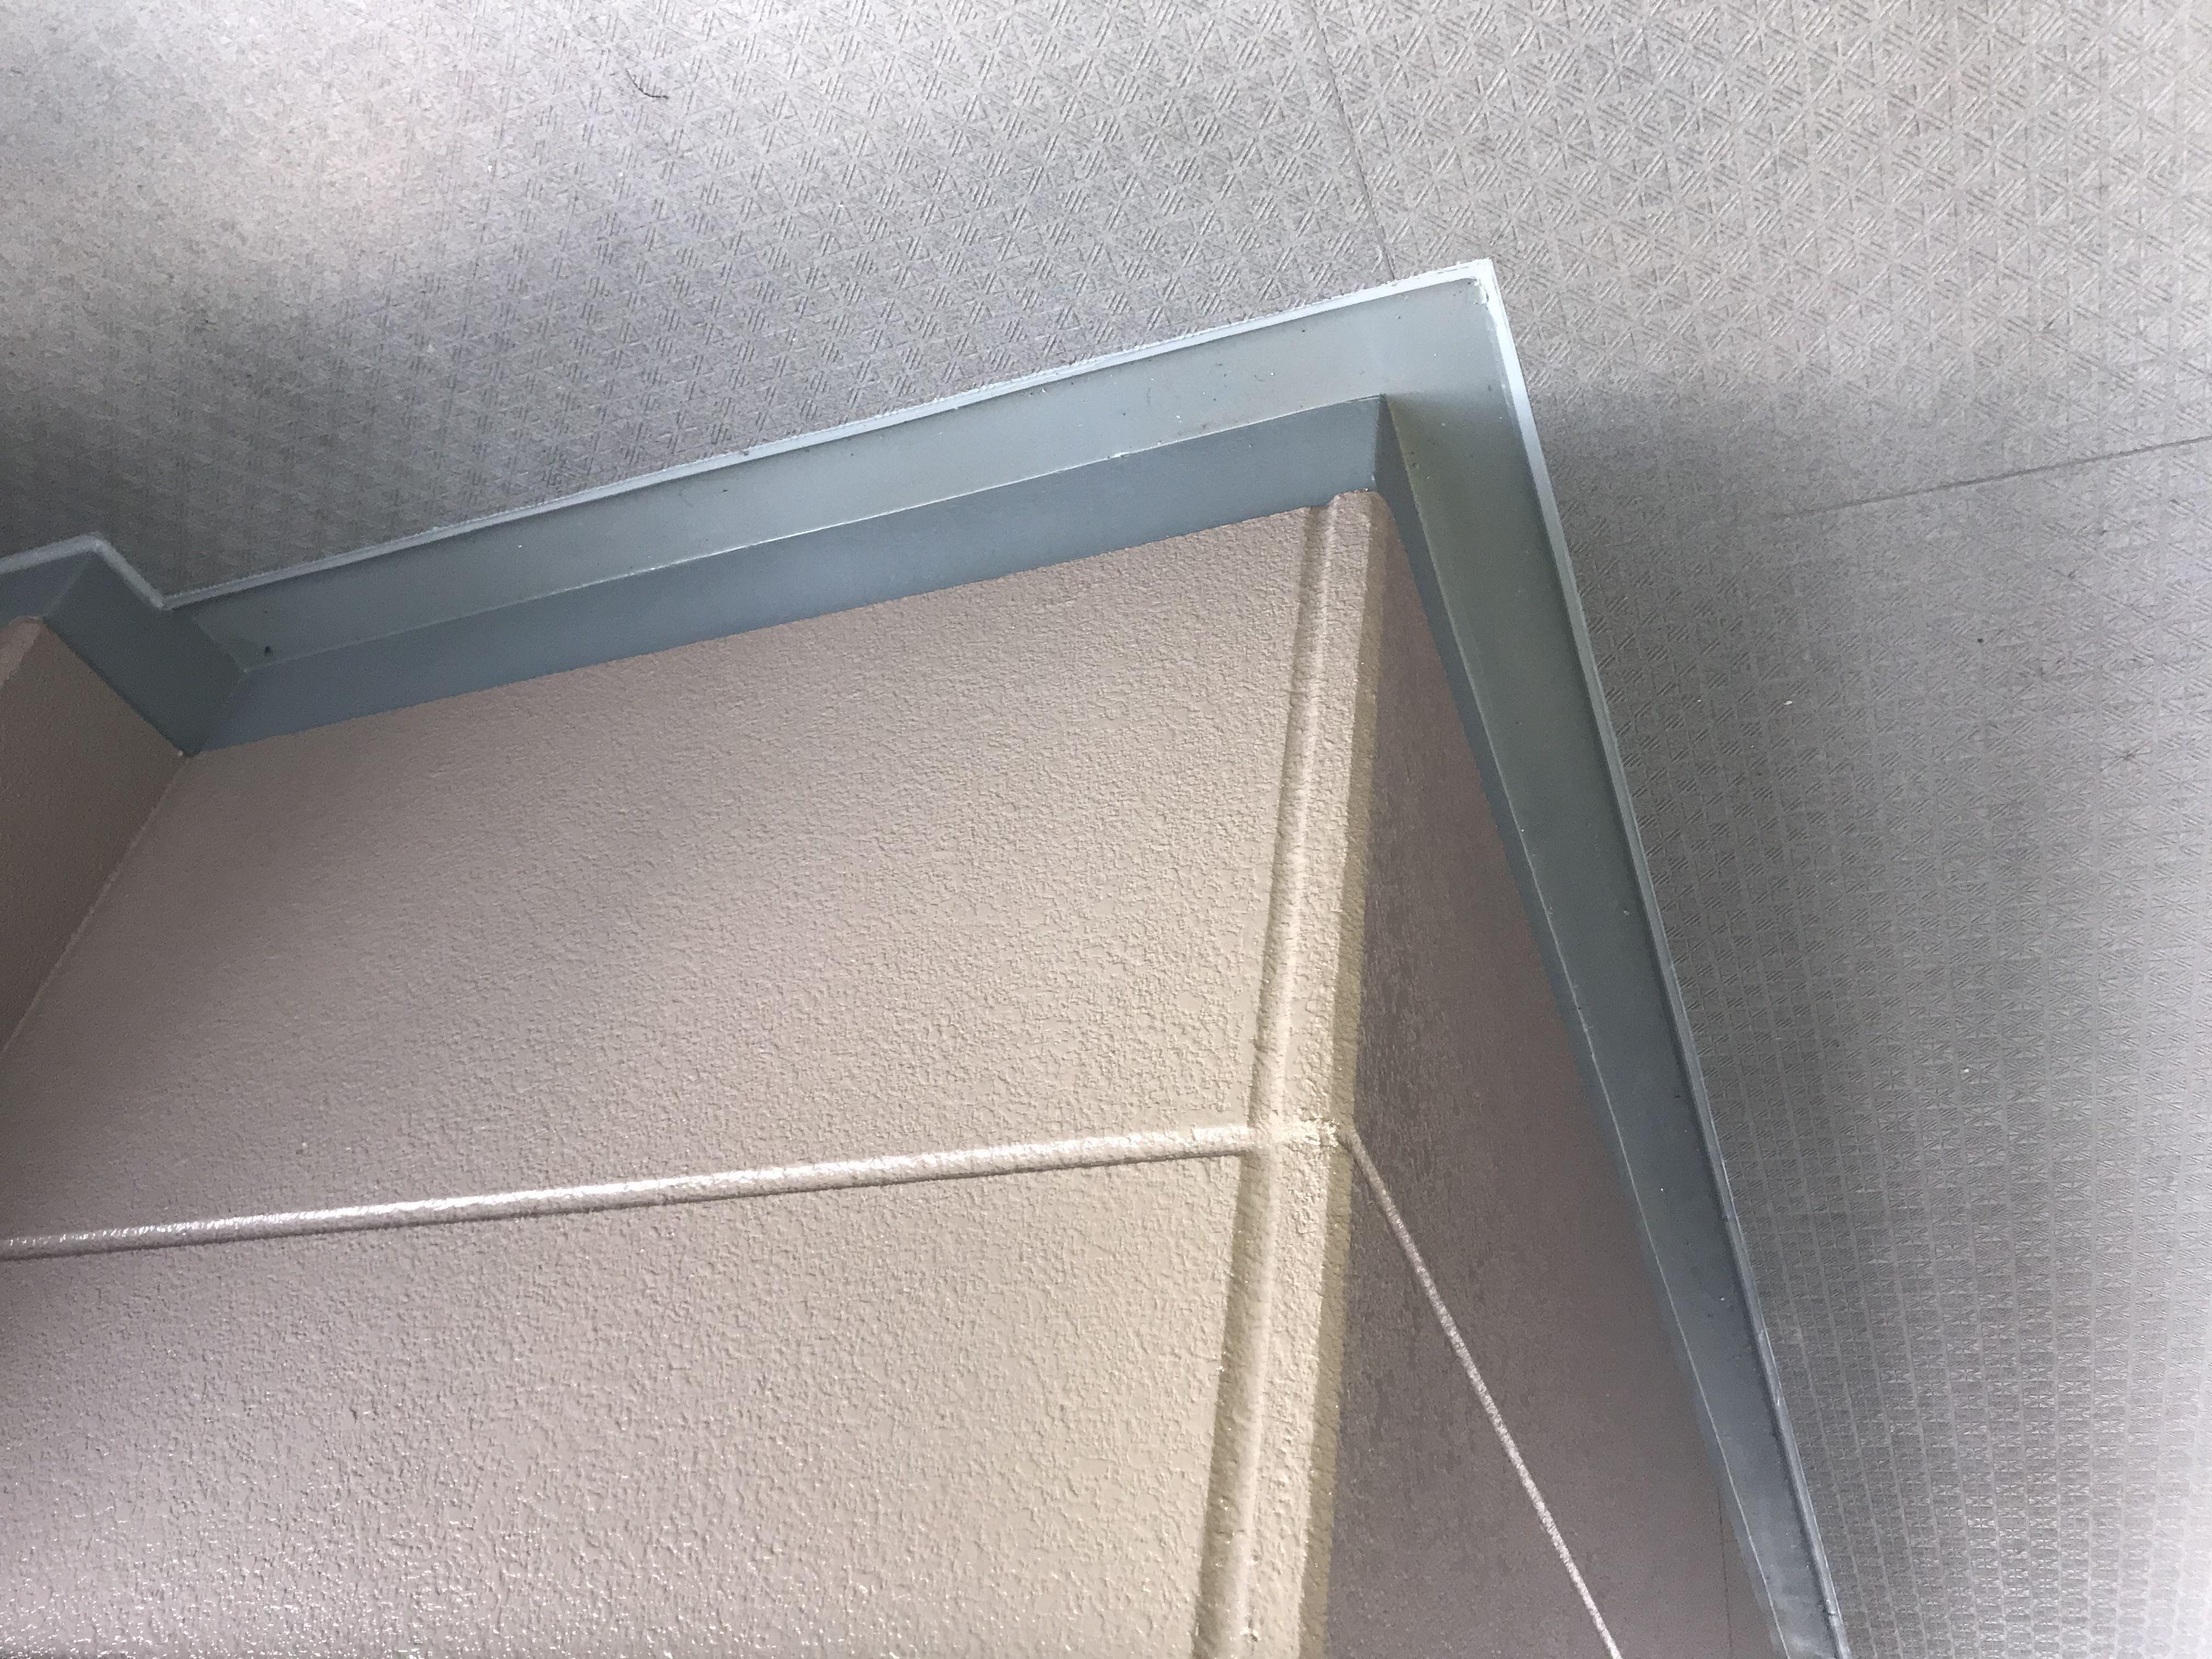 さいたま市北区マンション3階フロア脇防水トップ塗装